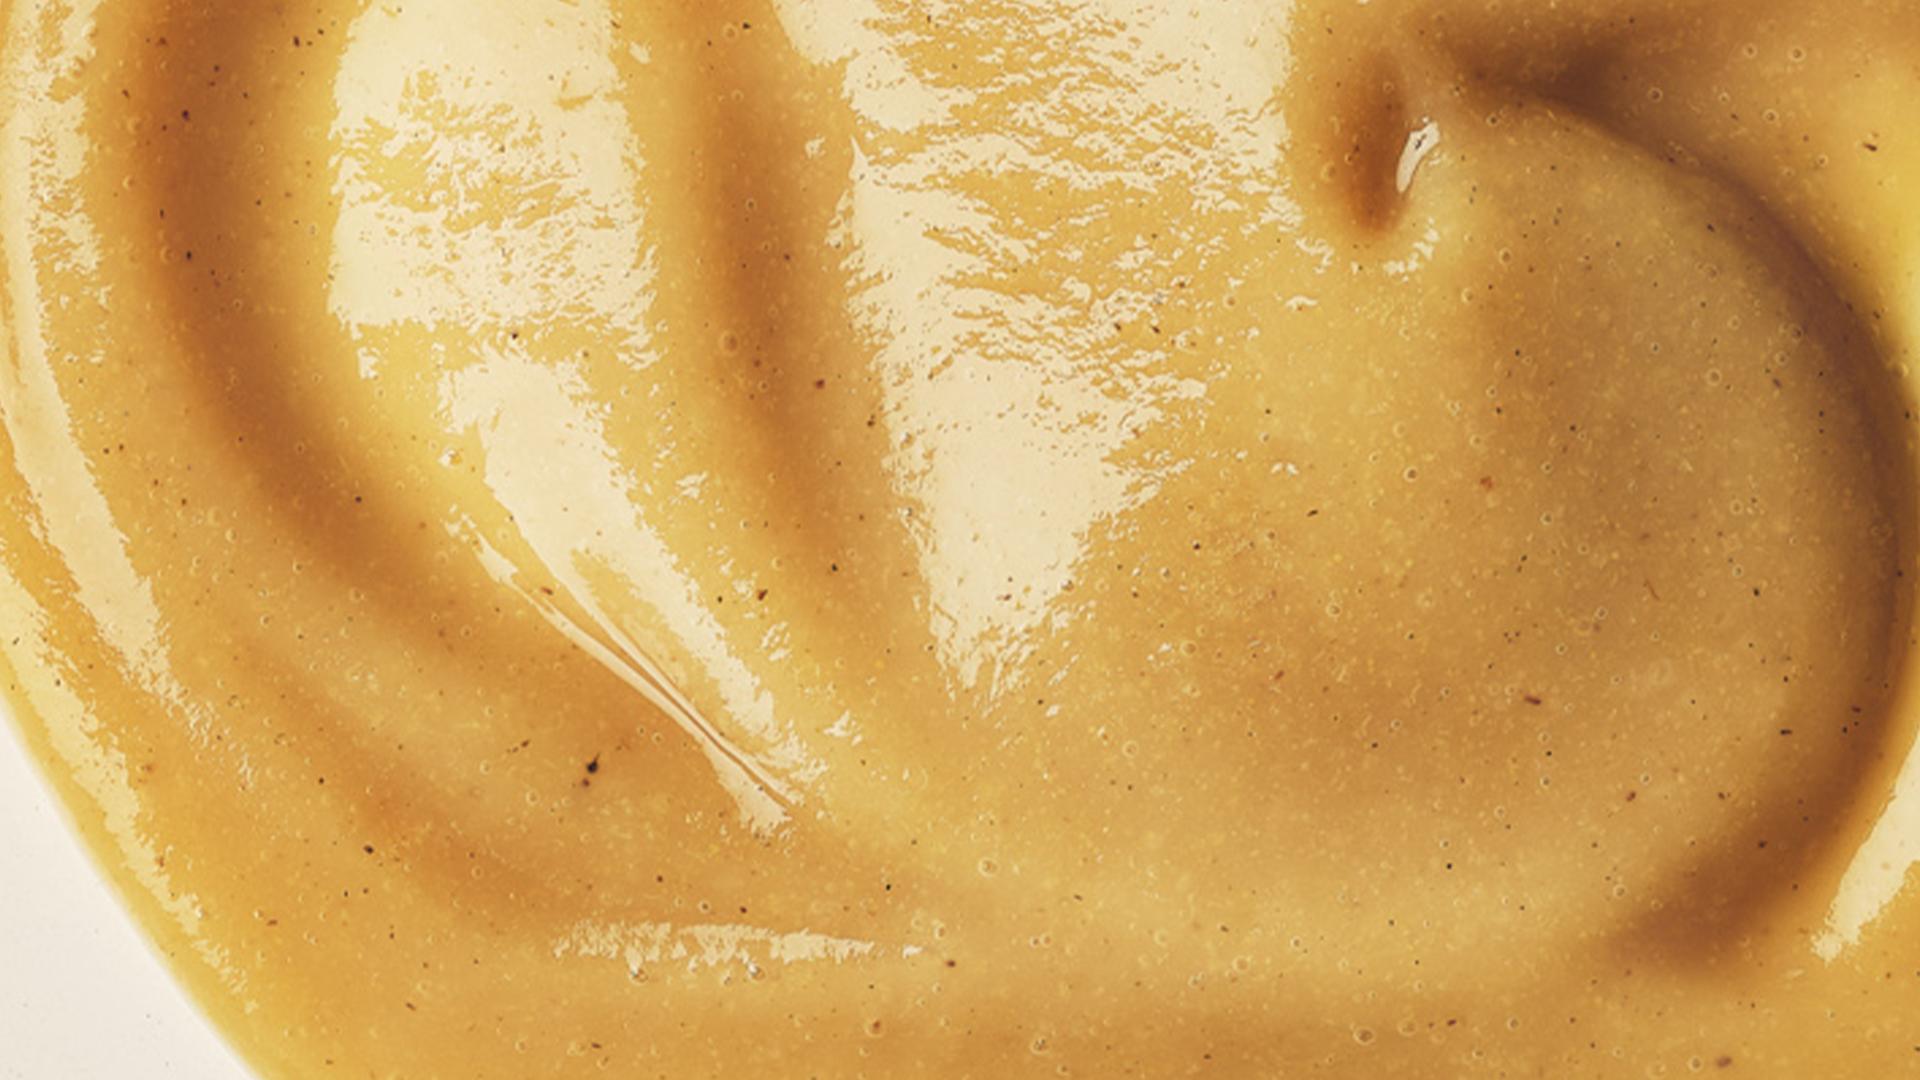 Adamance - Purée de poires